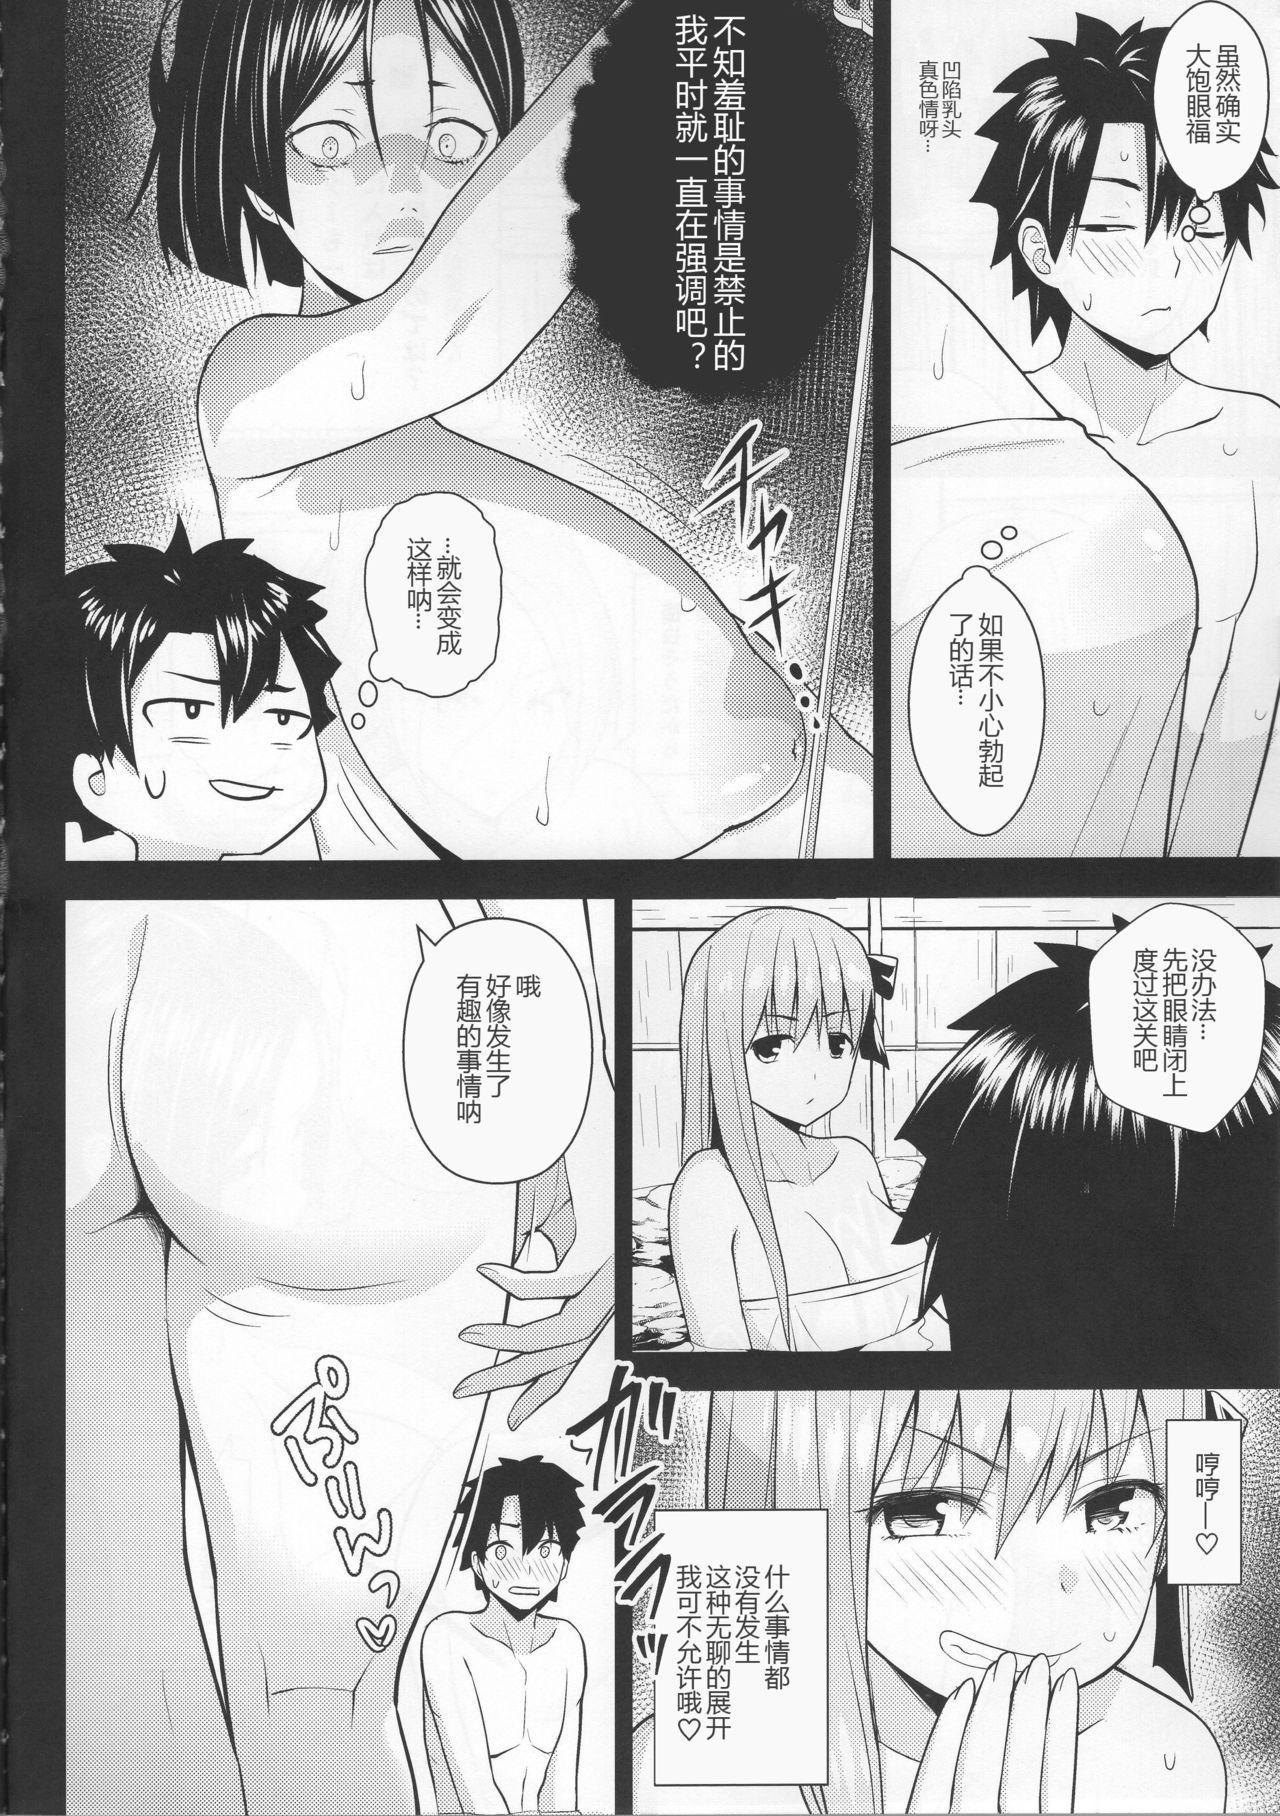 Kono Onsen wa Mugen no Niku de Dekite iru 3